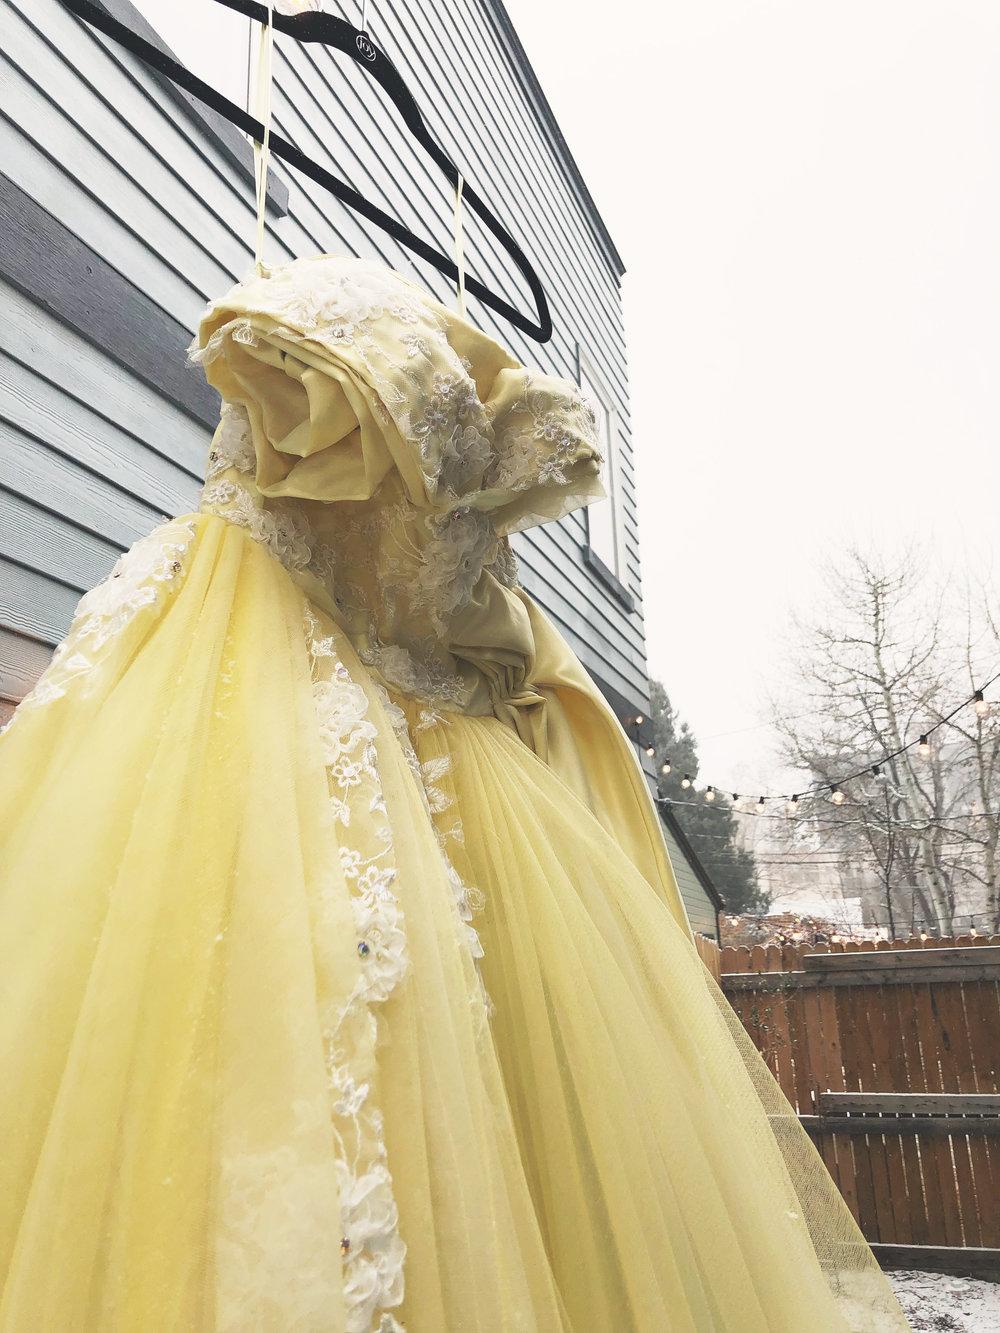 Oscar-de-la-renta-inspired-dress.jpg